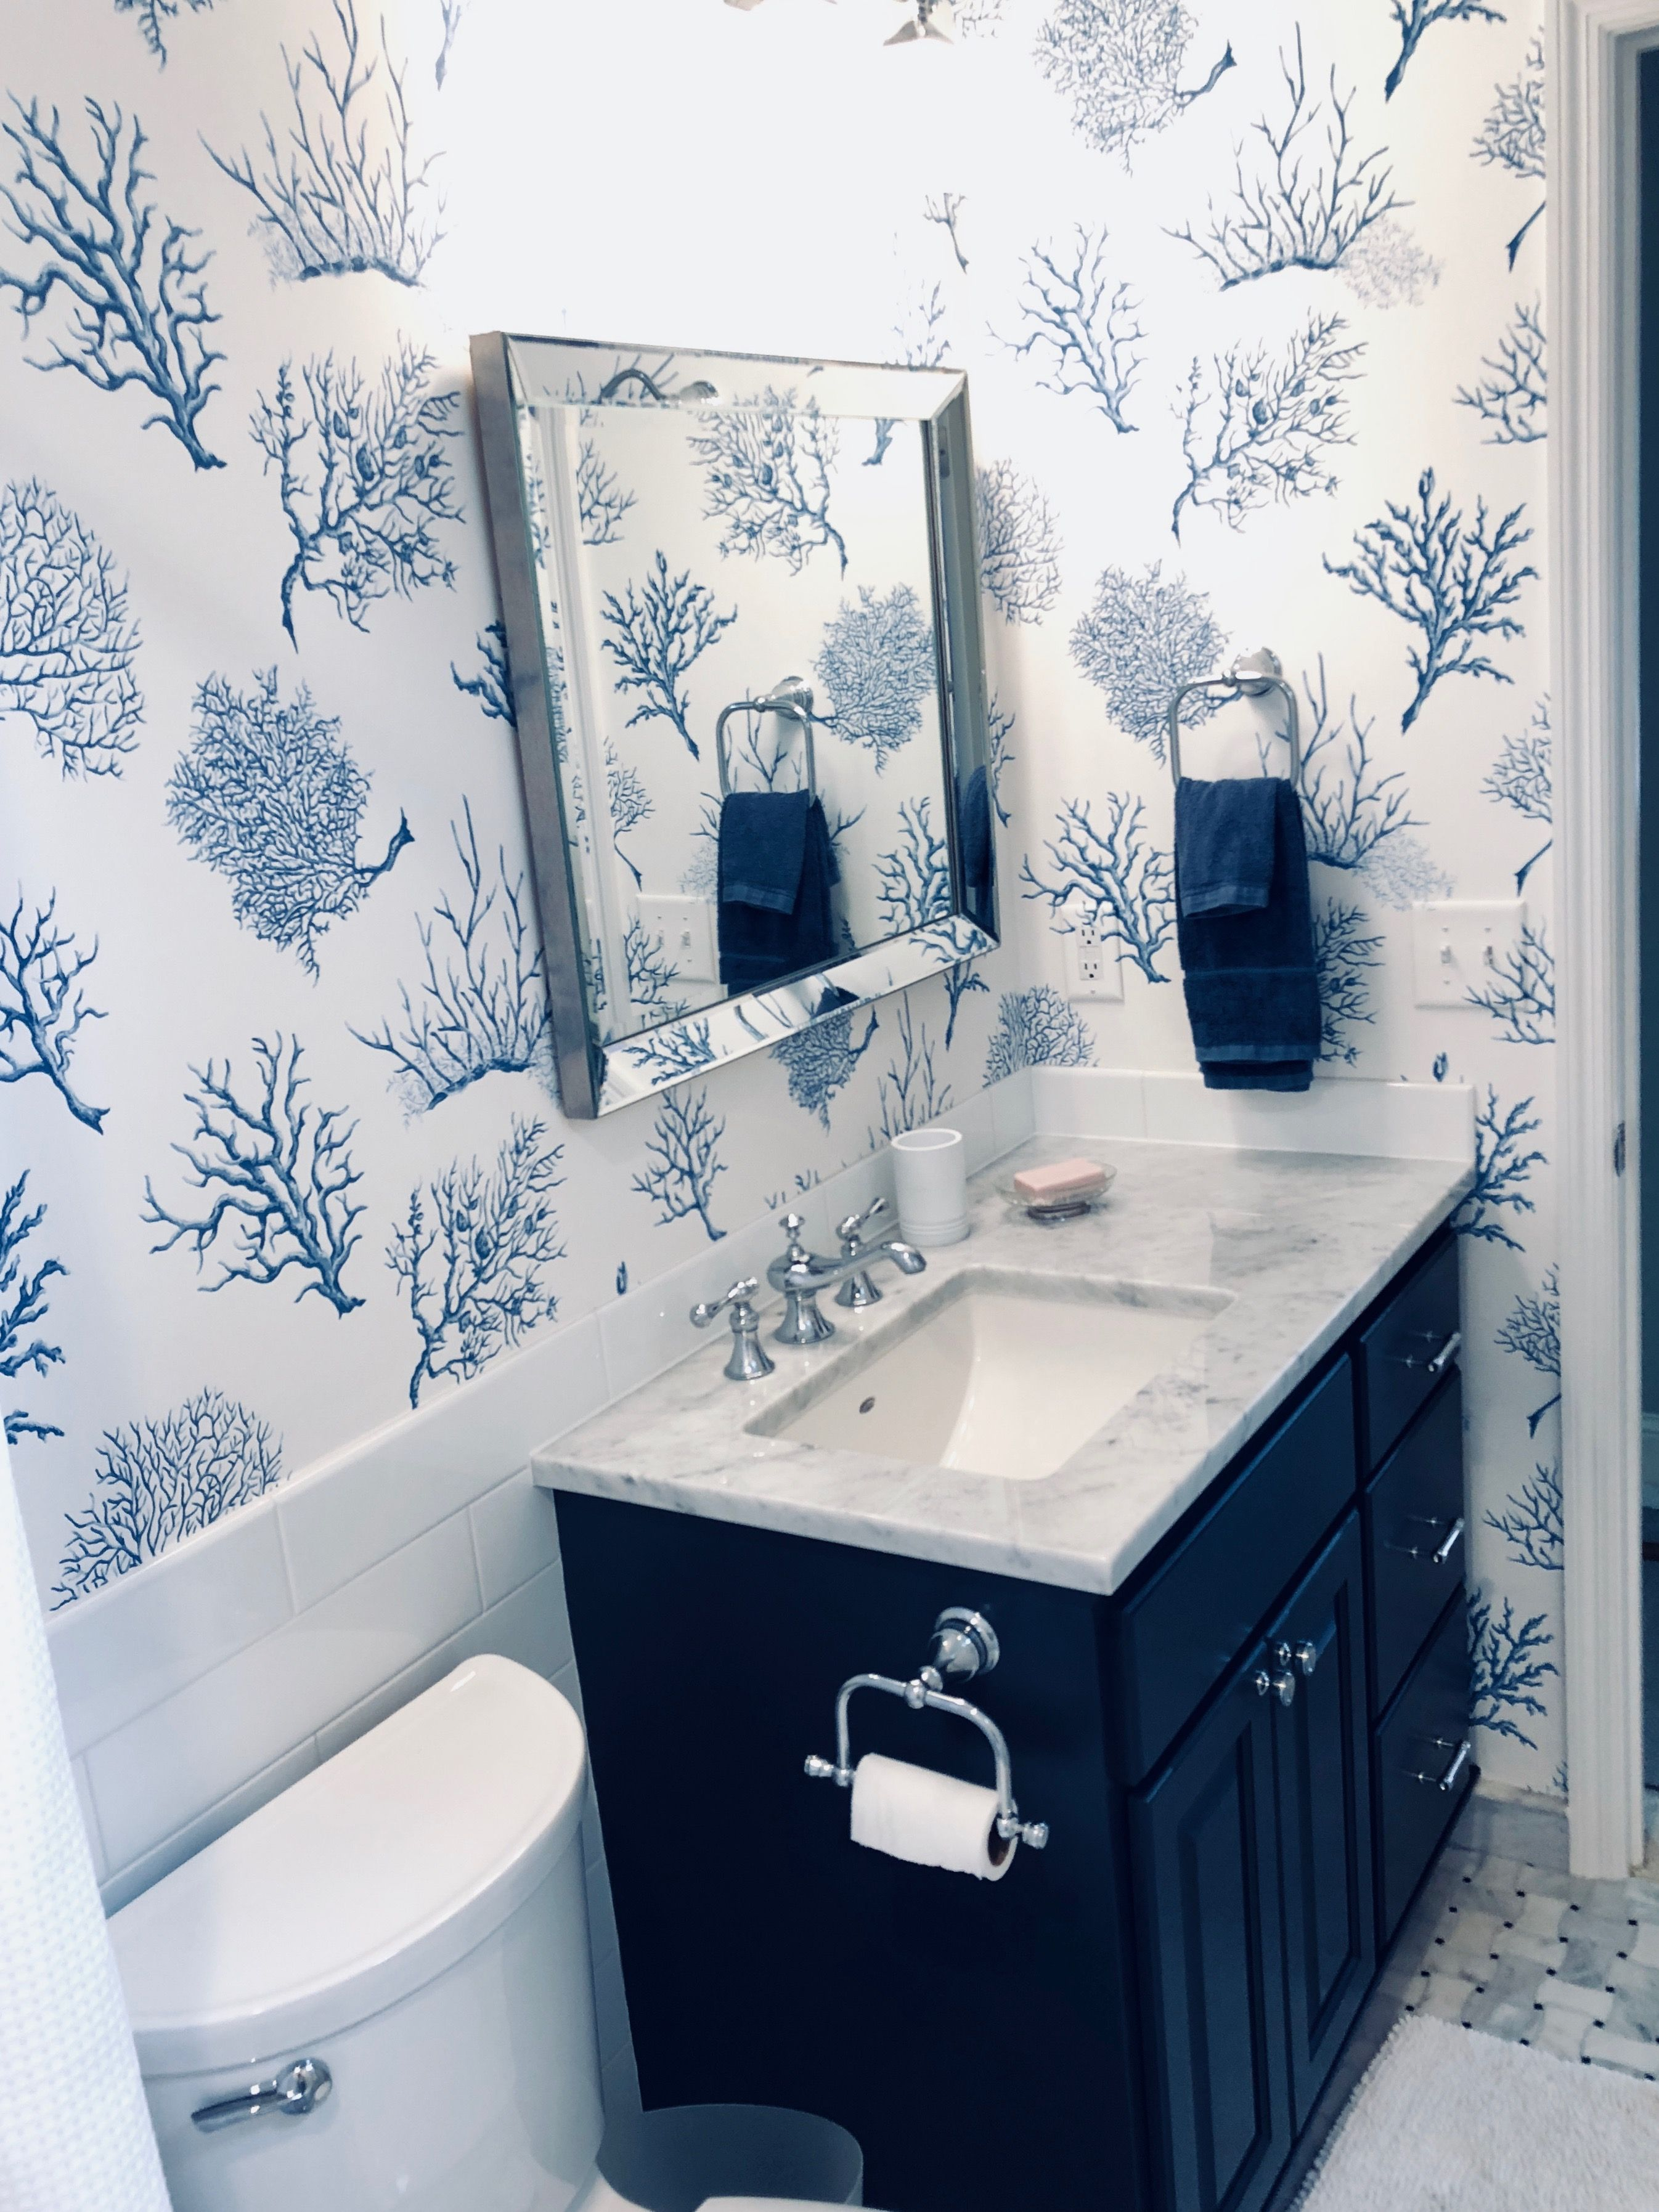 Hale Navy Vanity Thibault Fan Coral Wallpaper In Navy Blue